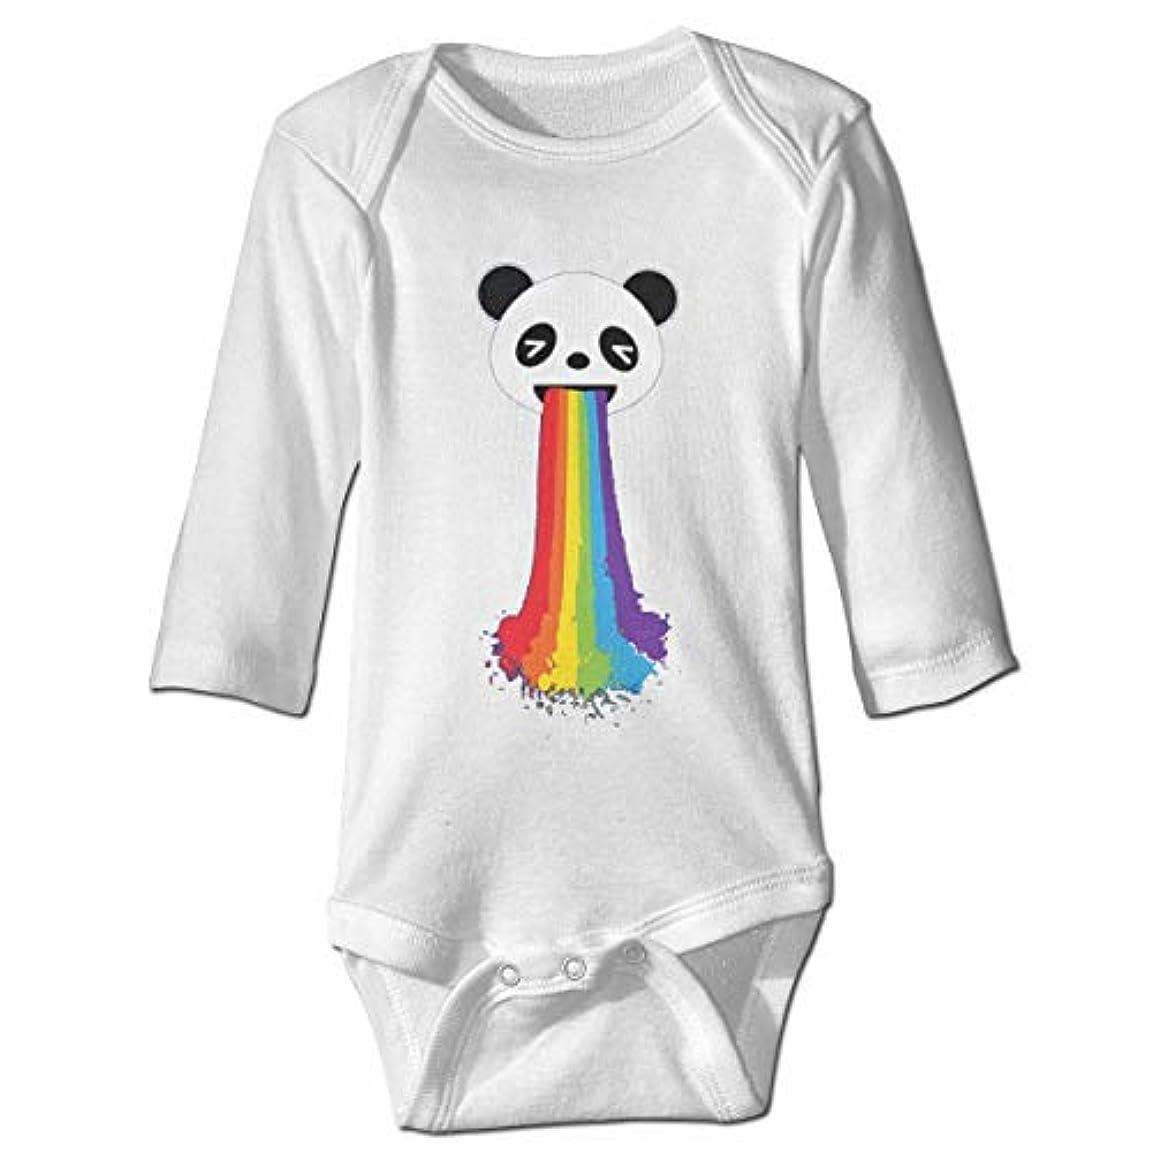 症状忙しい壁紙レインボーベビーボディスーツファッションワンシー長袖衣装コスチューム、2Tを投げるパンダ